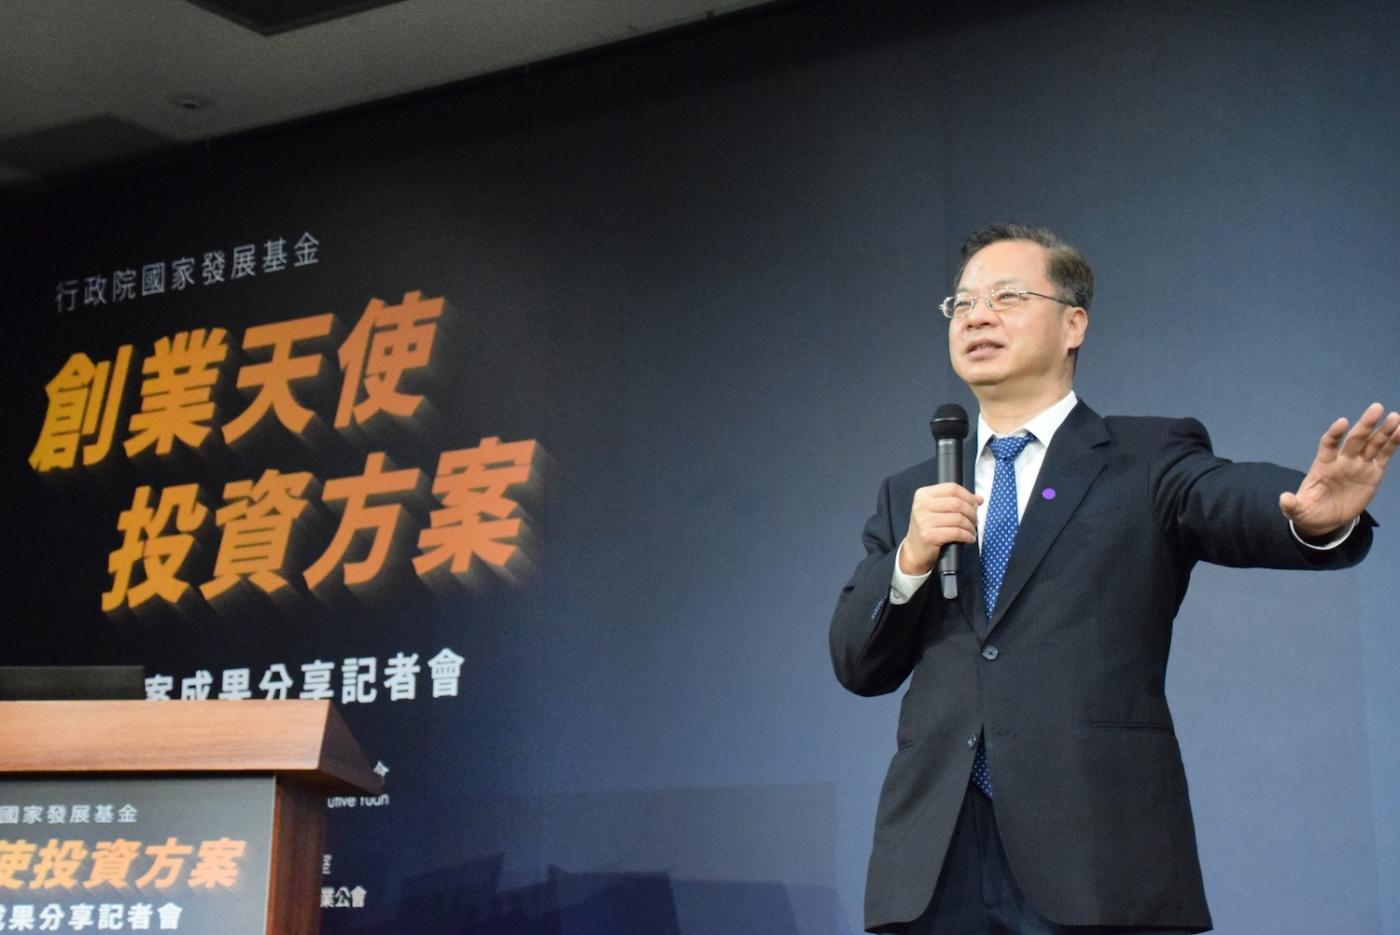 國發天使投資破百家新創,3年投入逾16億元!下一步要優化小額投資方案